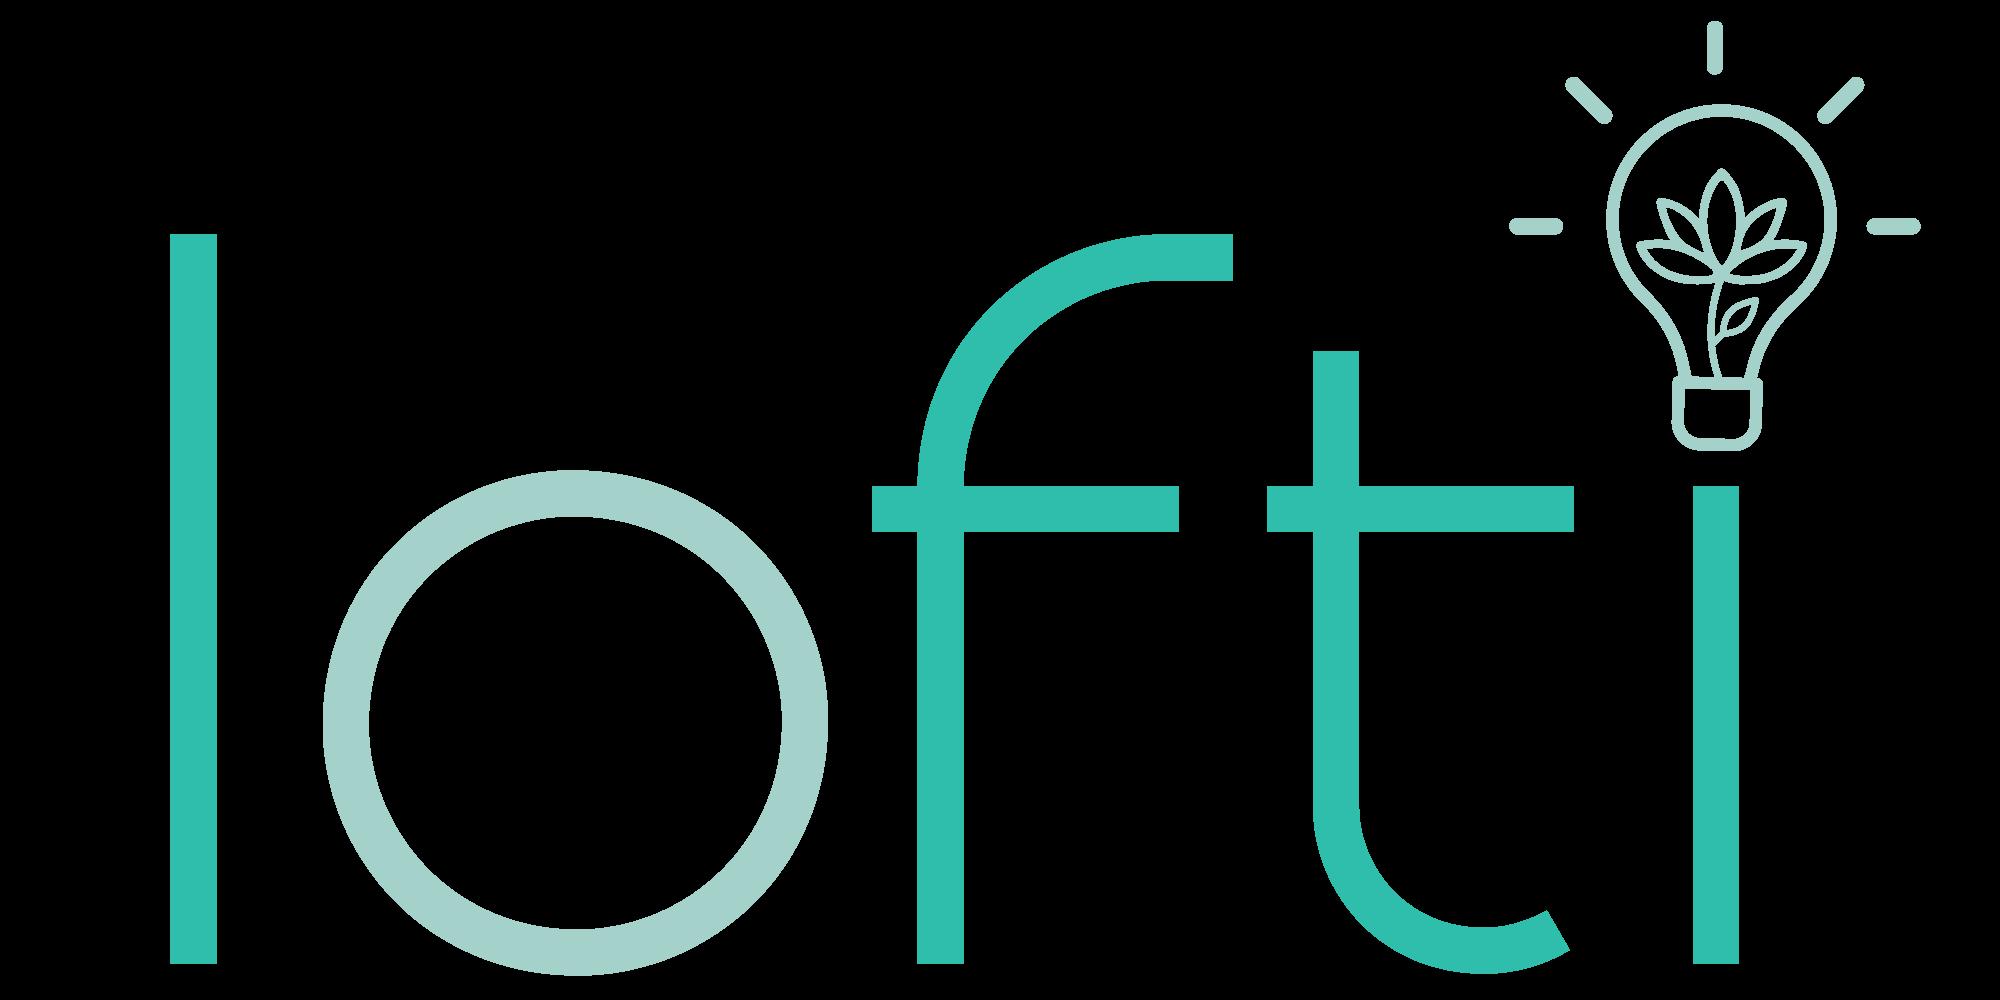 Lofit